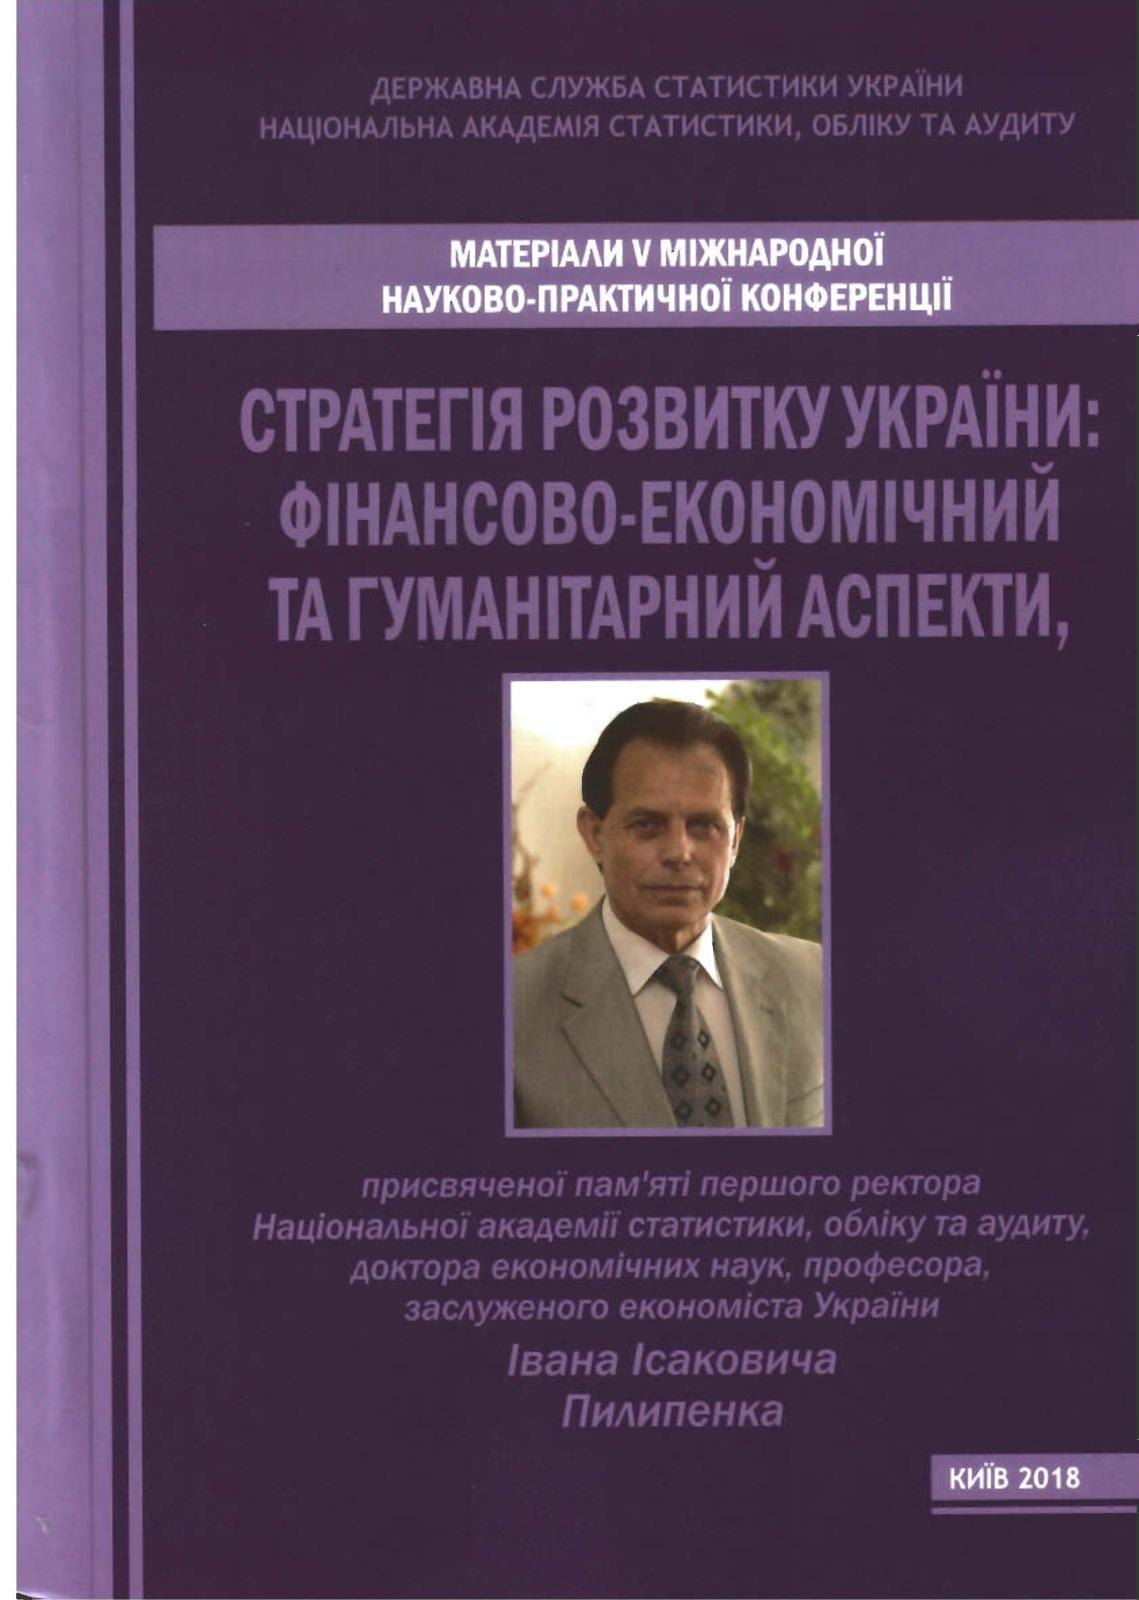 Calaméo - Стратегія розвитку України  фінансово-економічний та гуманітарний  аспекти  матеріали V Міжнародної науково-практичної конференції. 60b9c8d51e3bd